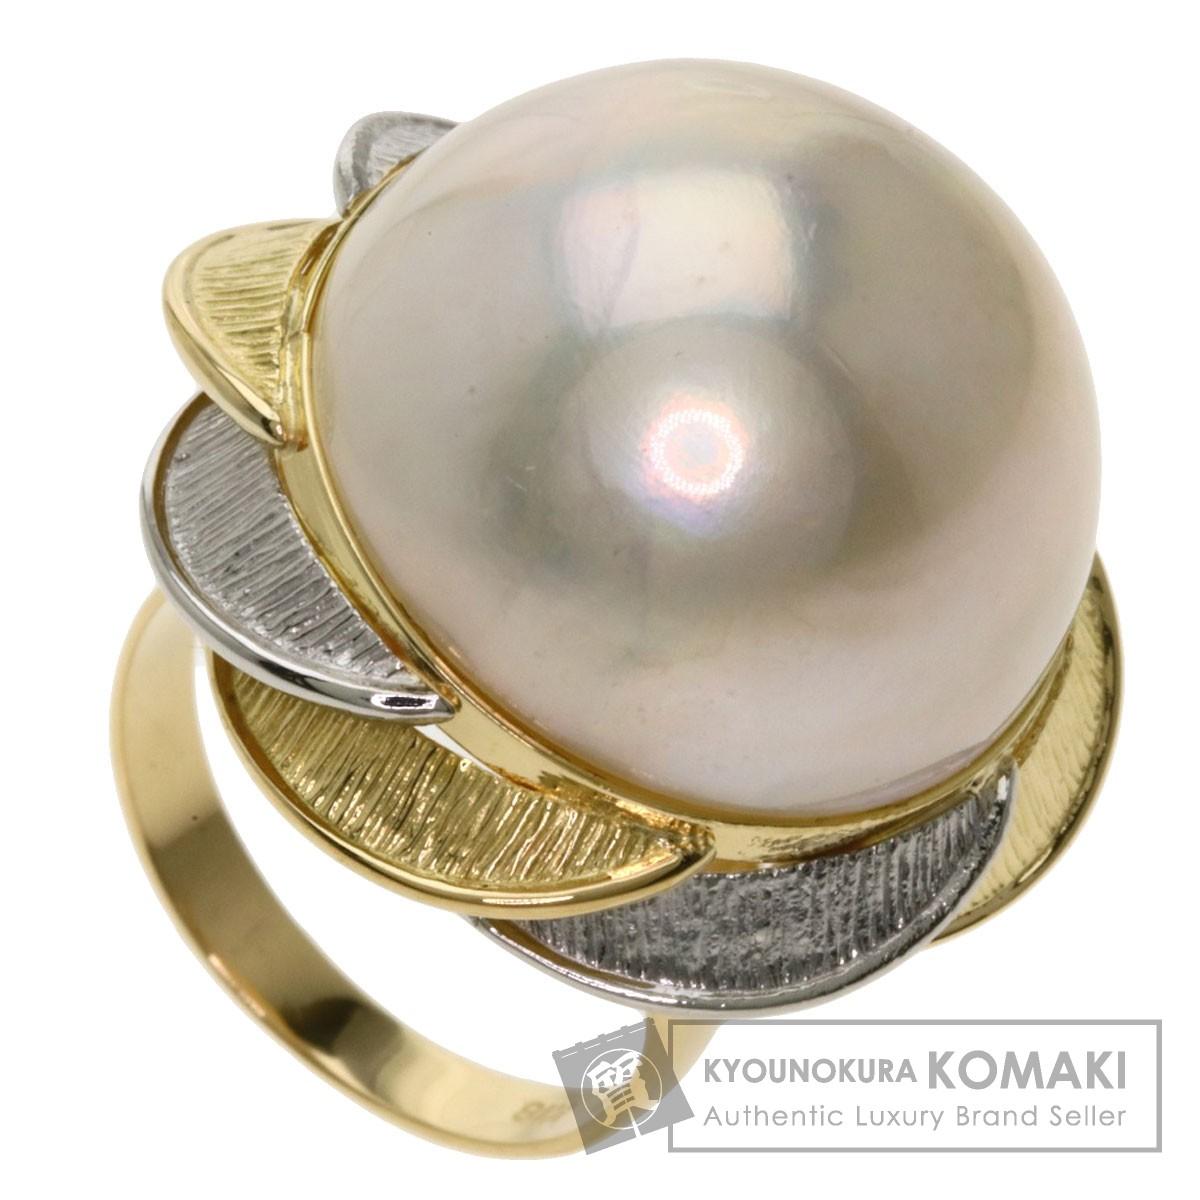 マベパール 真珠 リング・指輪 K18イエローゴールド/PT900 12g レディース 【中古】